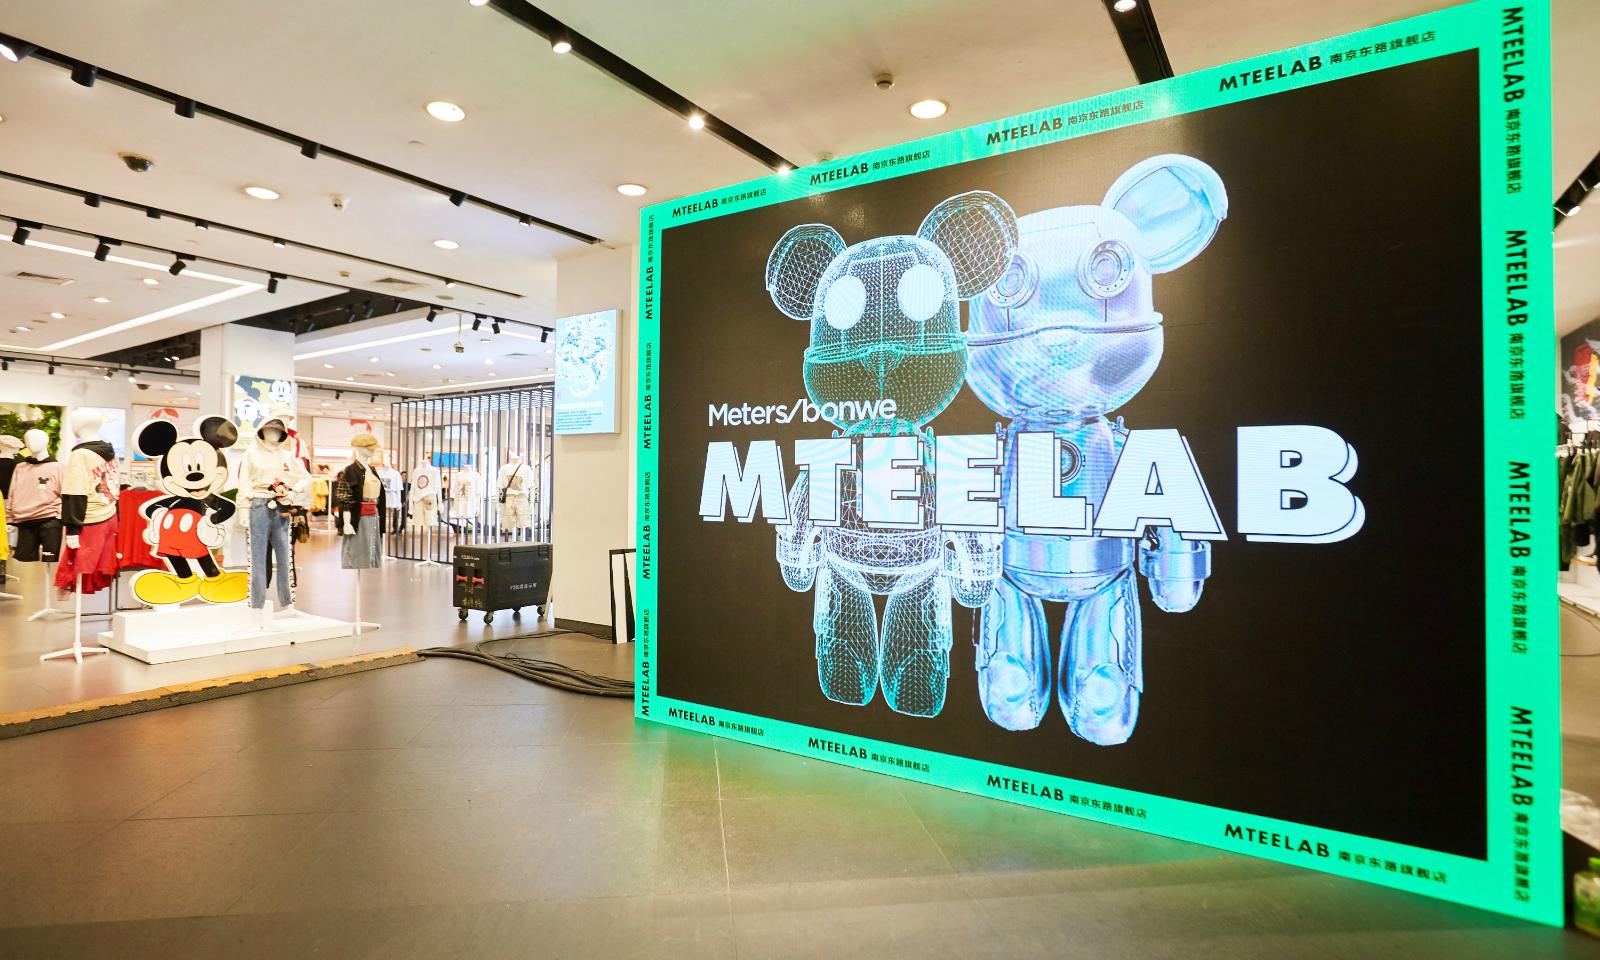 美特斯邦威于上海旗舰店开启潮流实验室 MTEE LAB